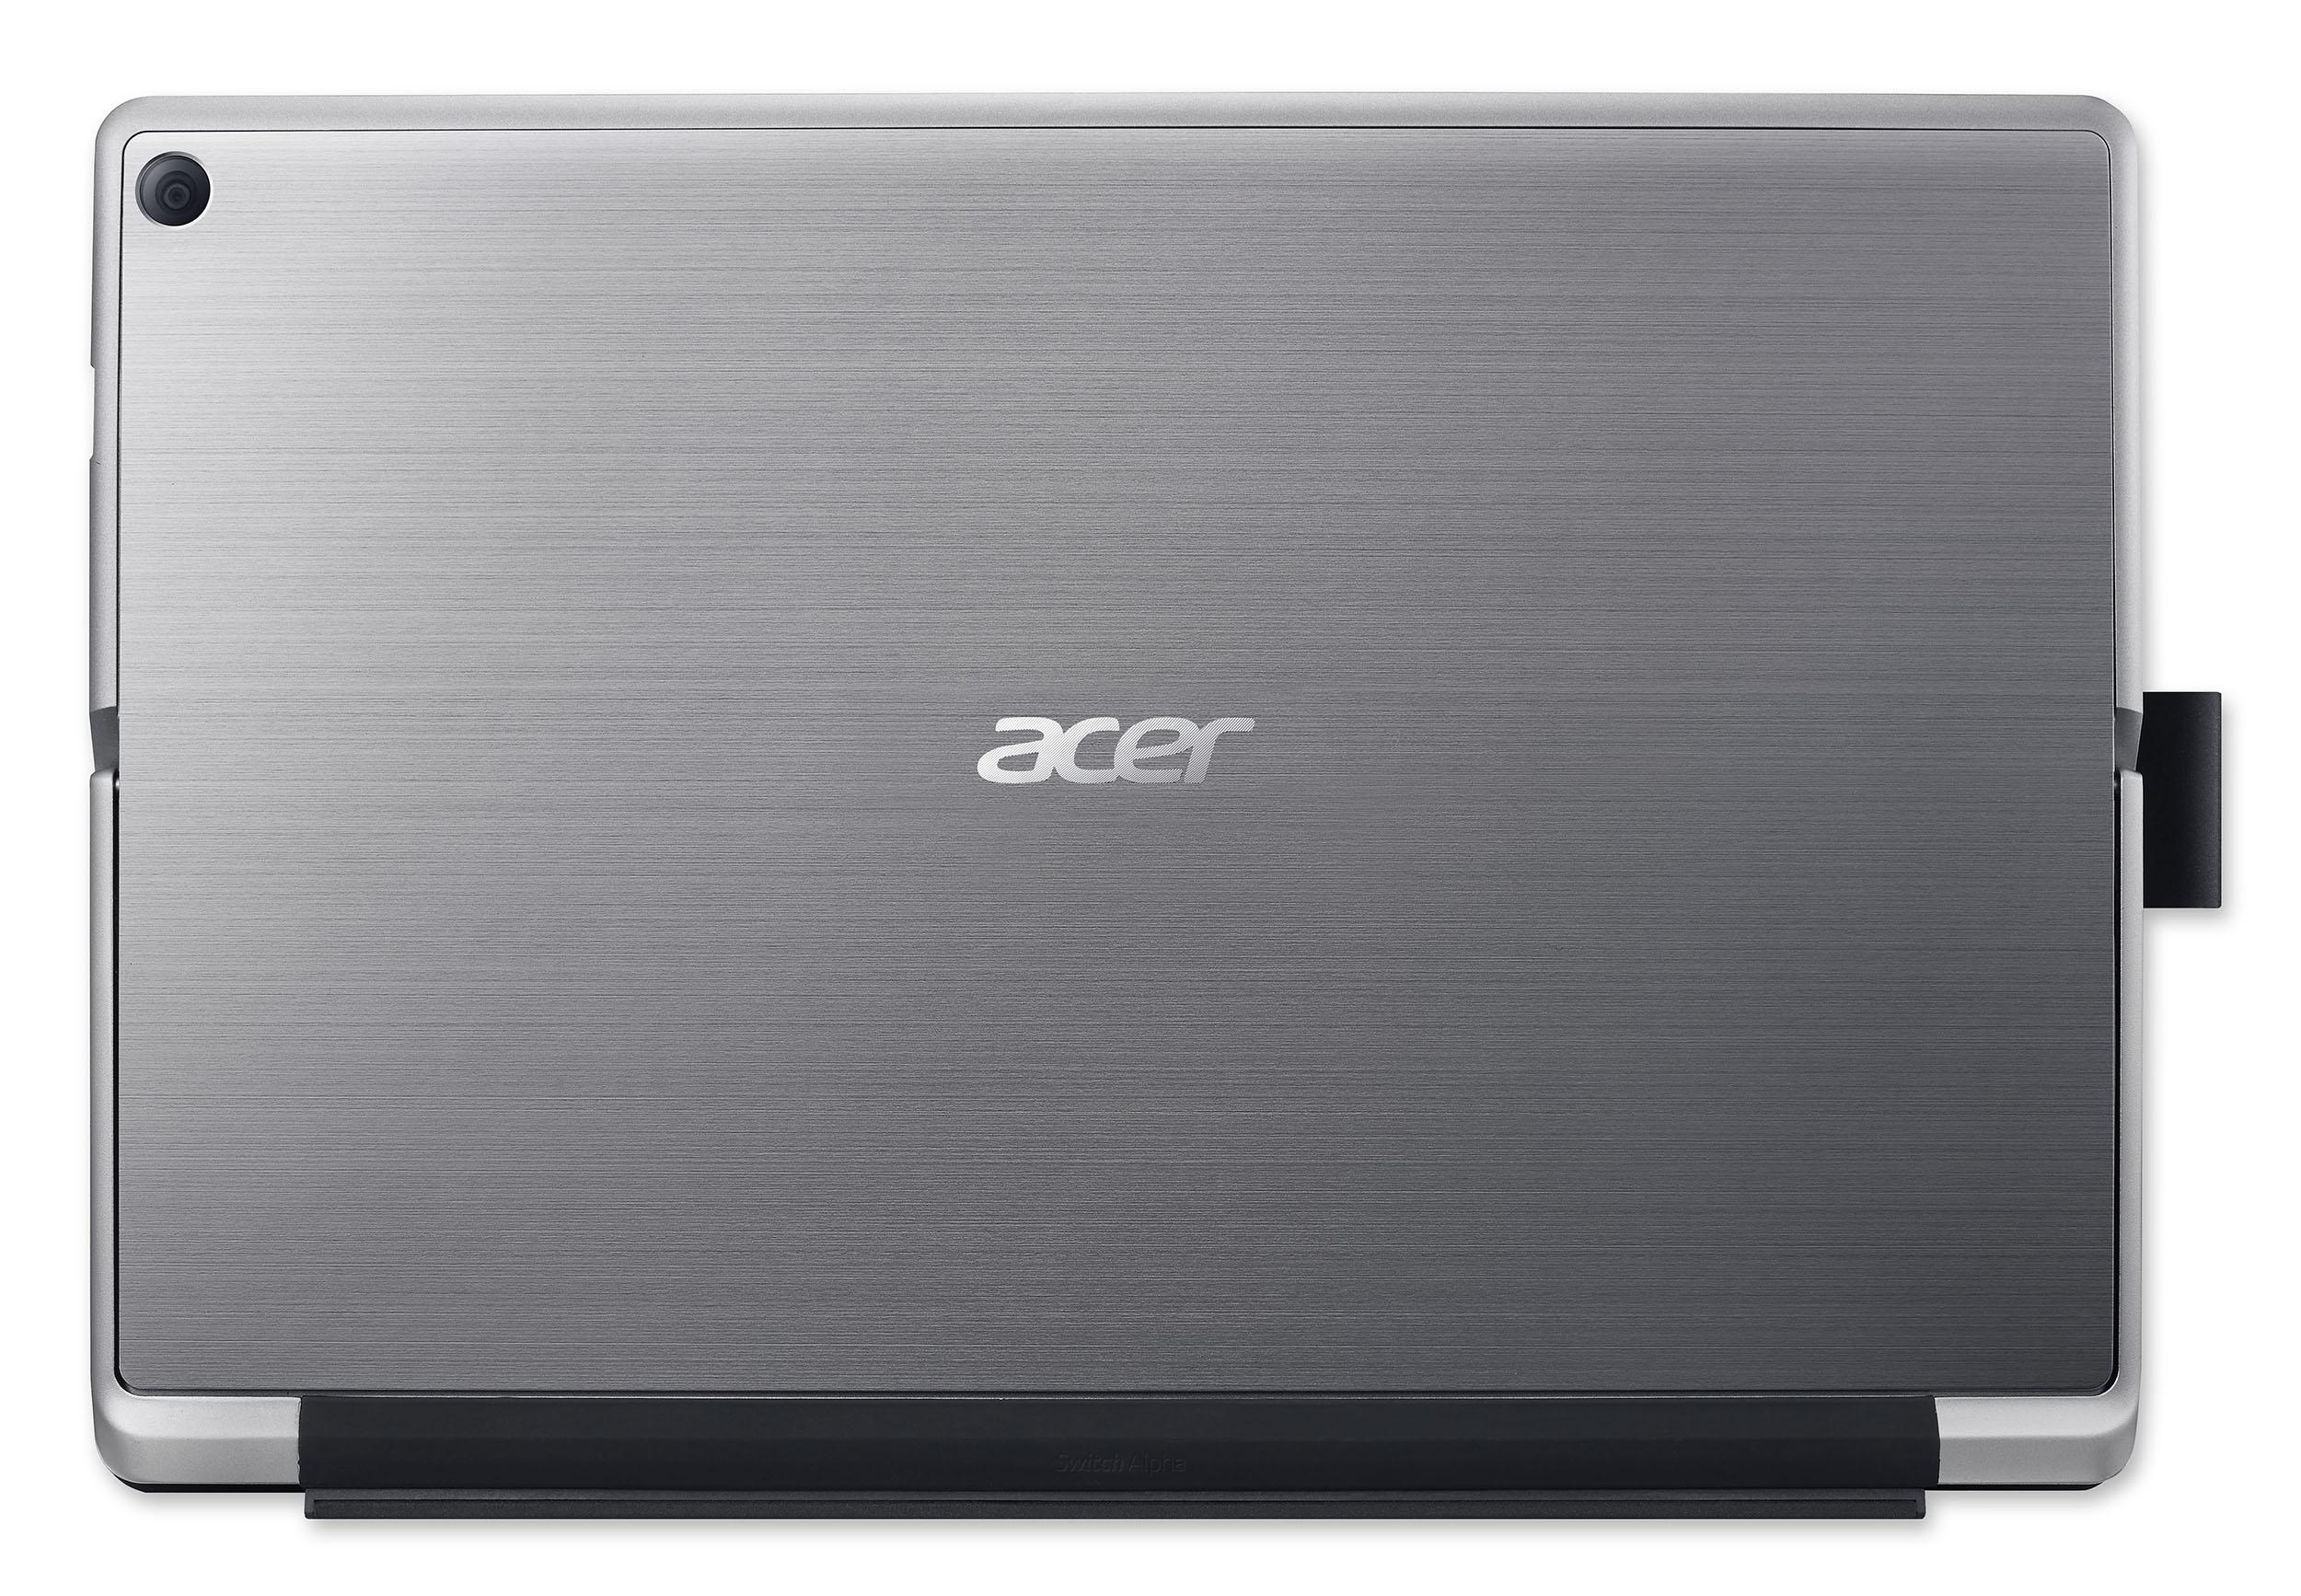 El logo de Acer preside la parte de atrás